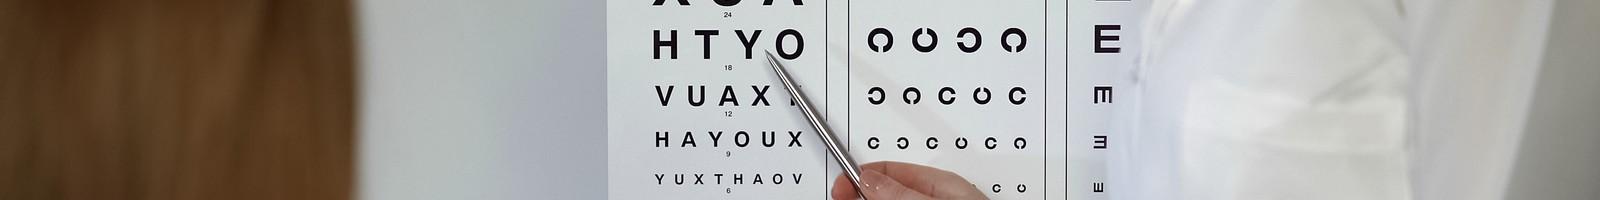 L'utilisation d'Odysight pour contrôler l'acuité oculaire des patients pourrait être désormais remboursée